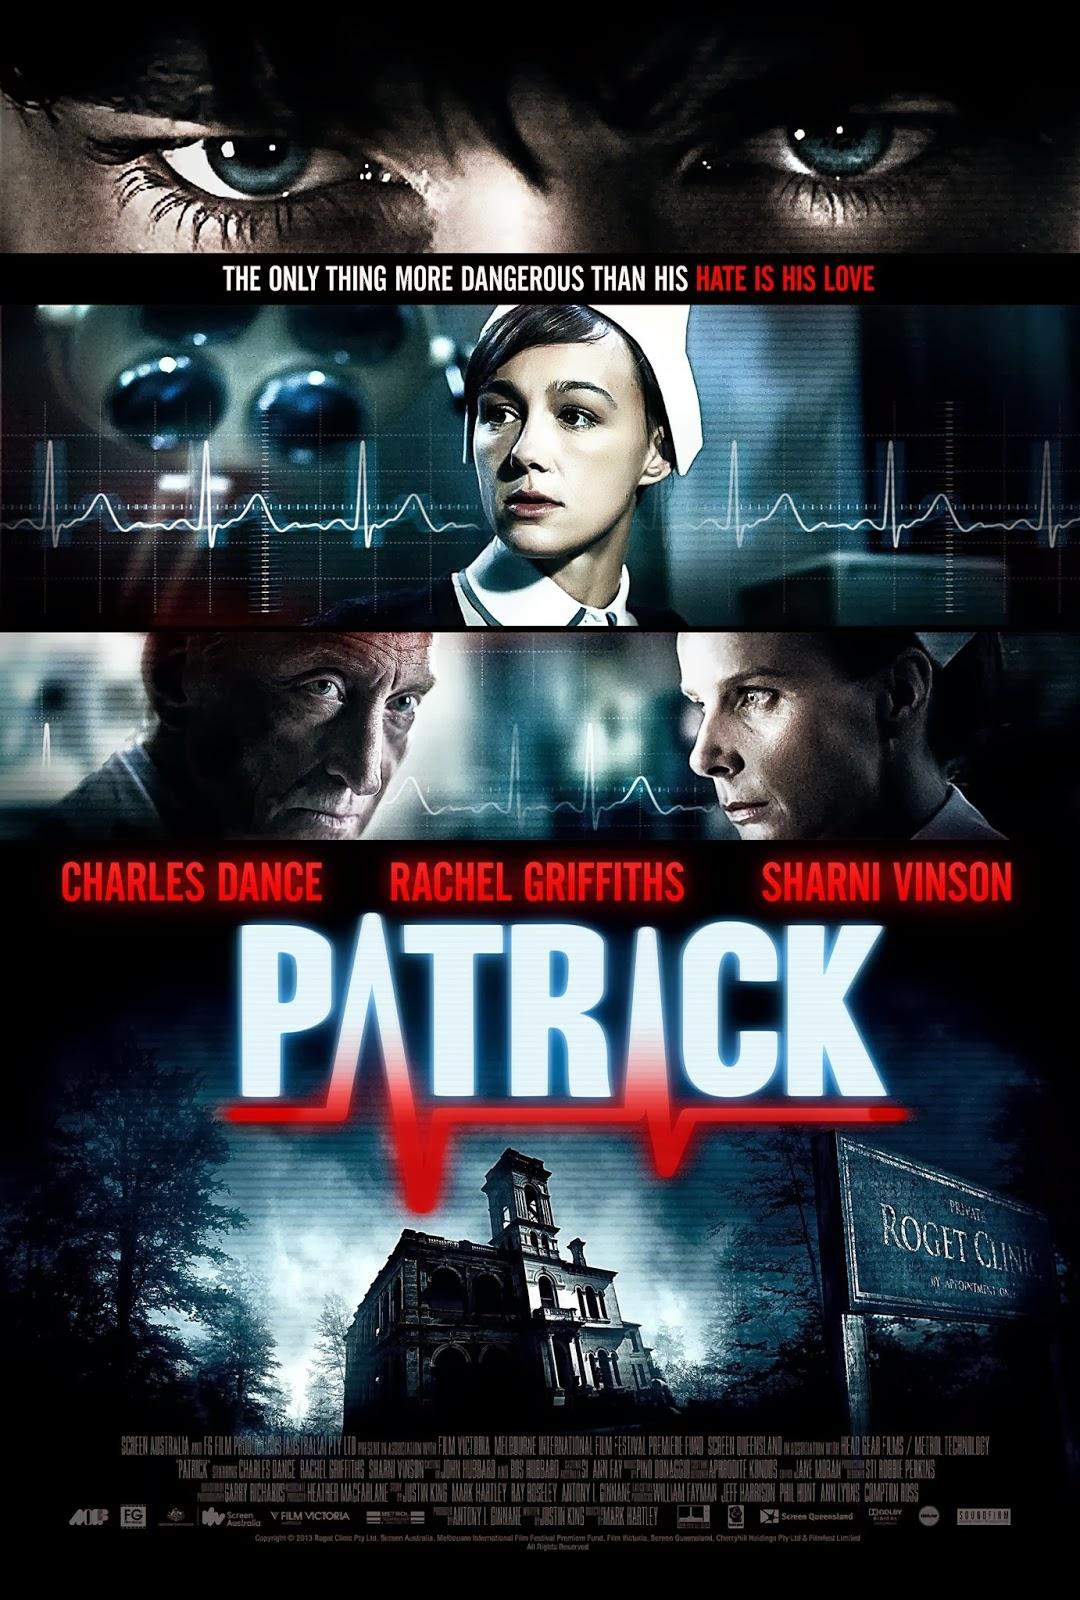 Patrick the movie